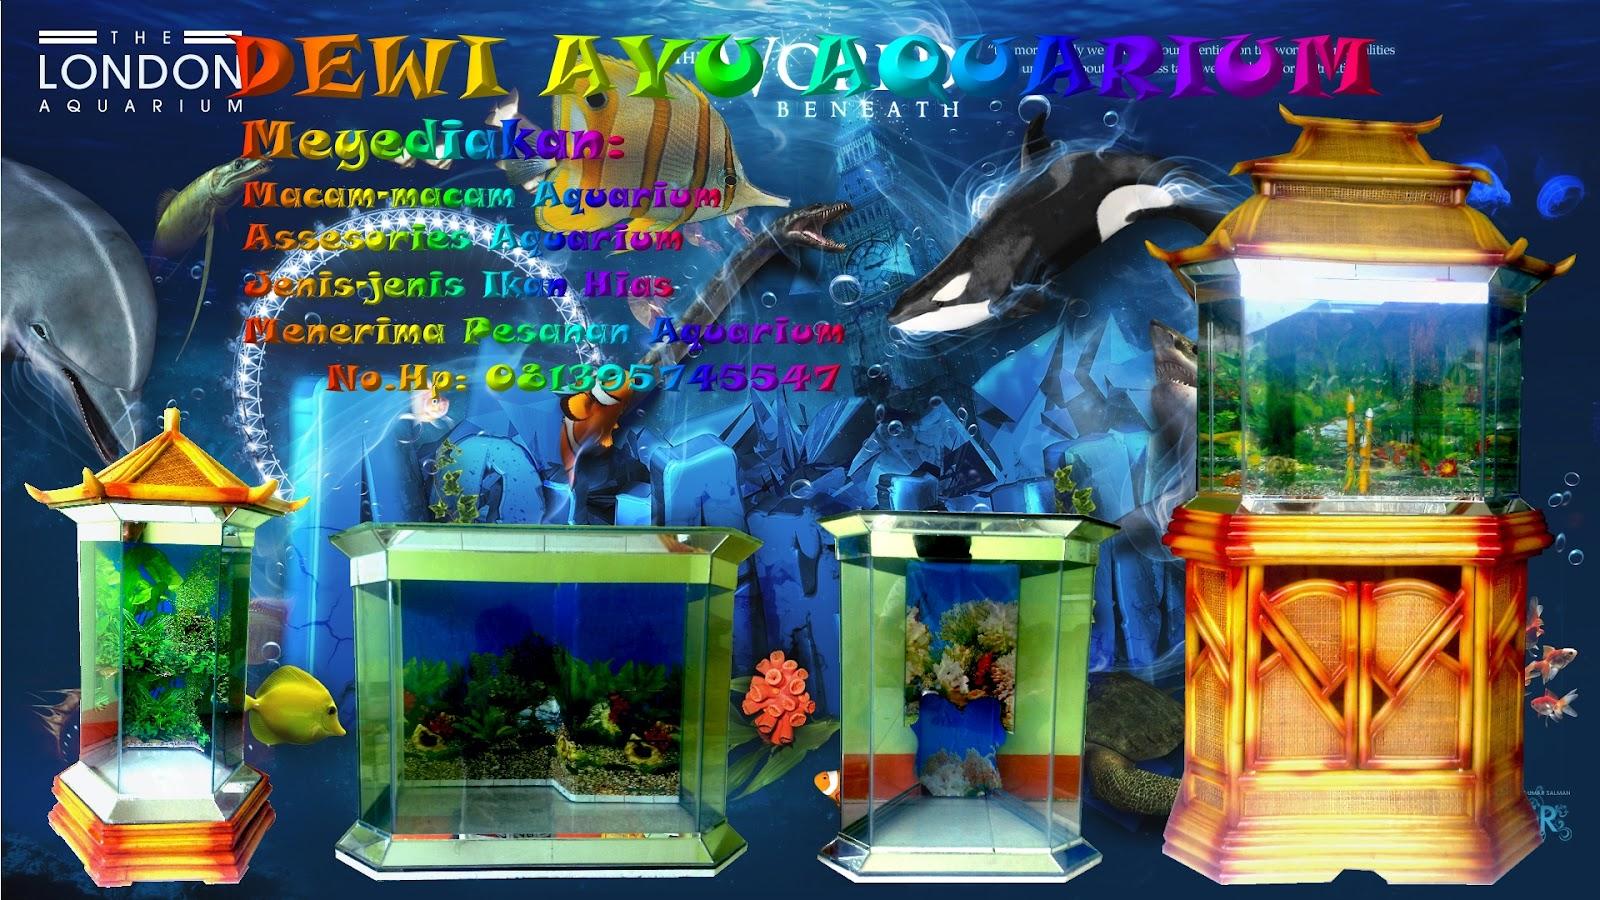 ... jenis ikan hias air tawar, aksesoris akuarium & macam-macam akuarium